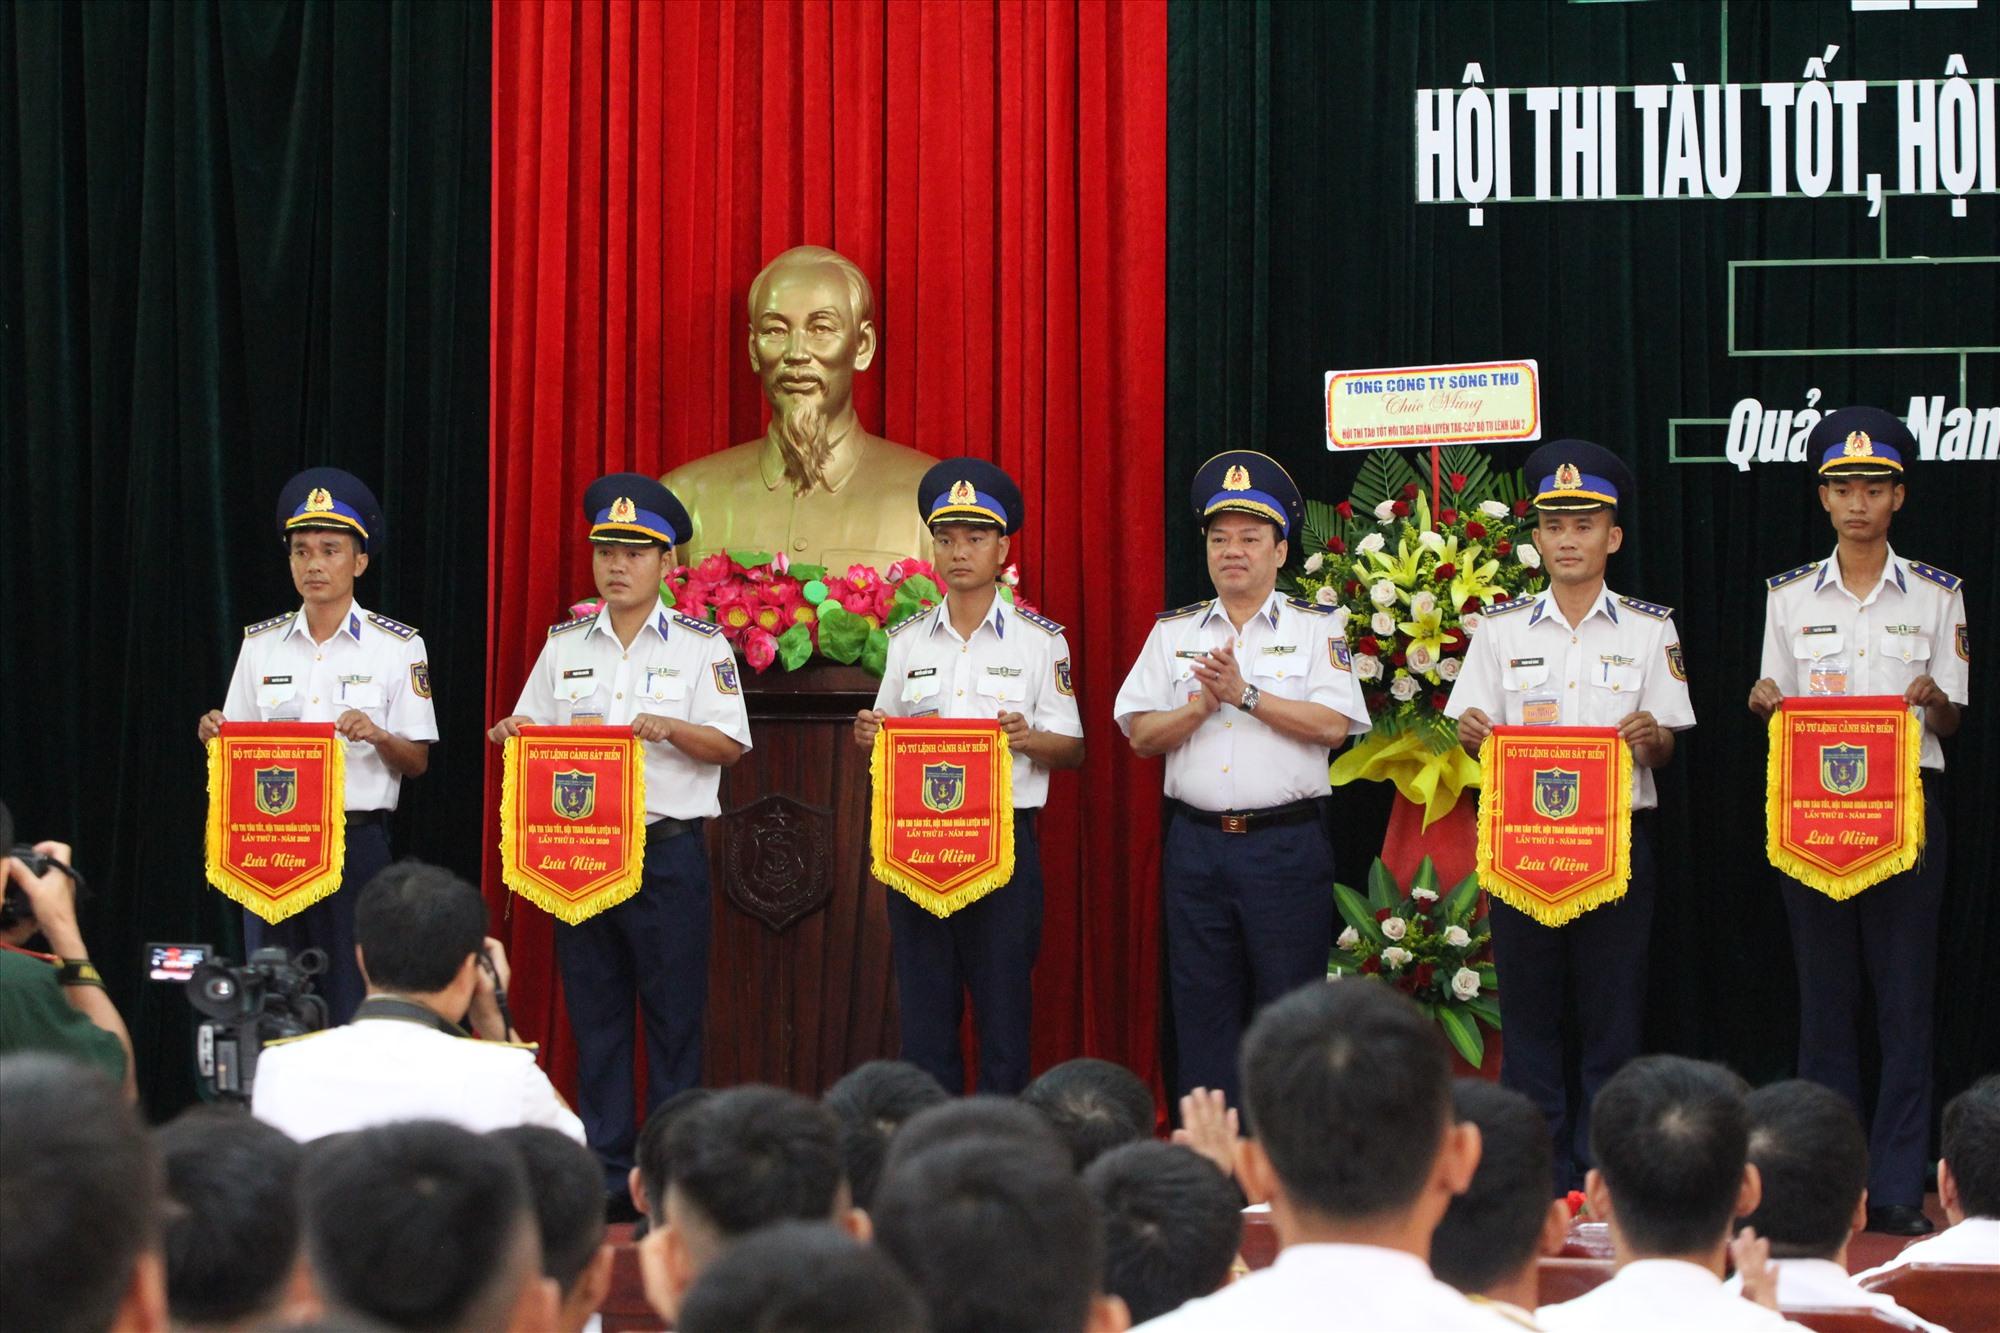 Thiếu tướng Phạm Kim Hậu - Phó tư lệnh, Tham mưu trưởng Cảnh sát biển Việt Nam trao cờ cho các đội thi. Ảnh: T.C